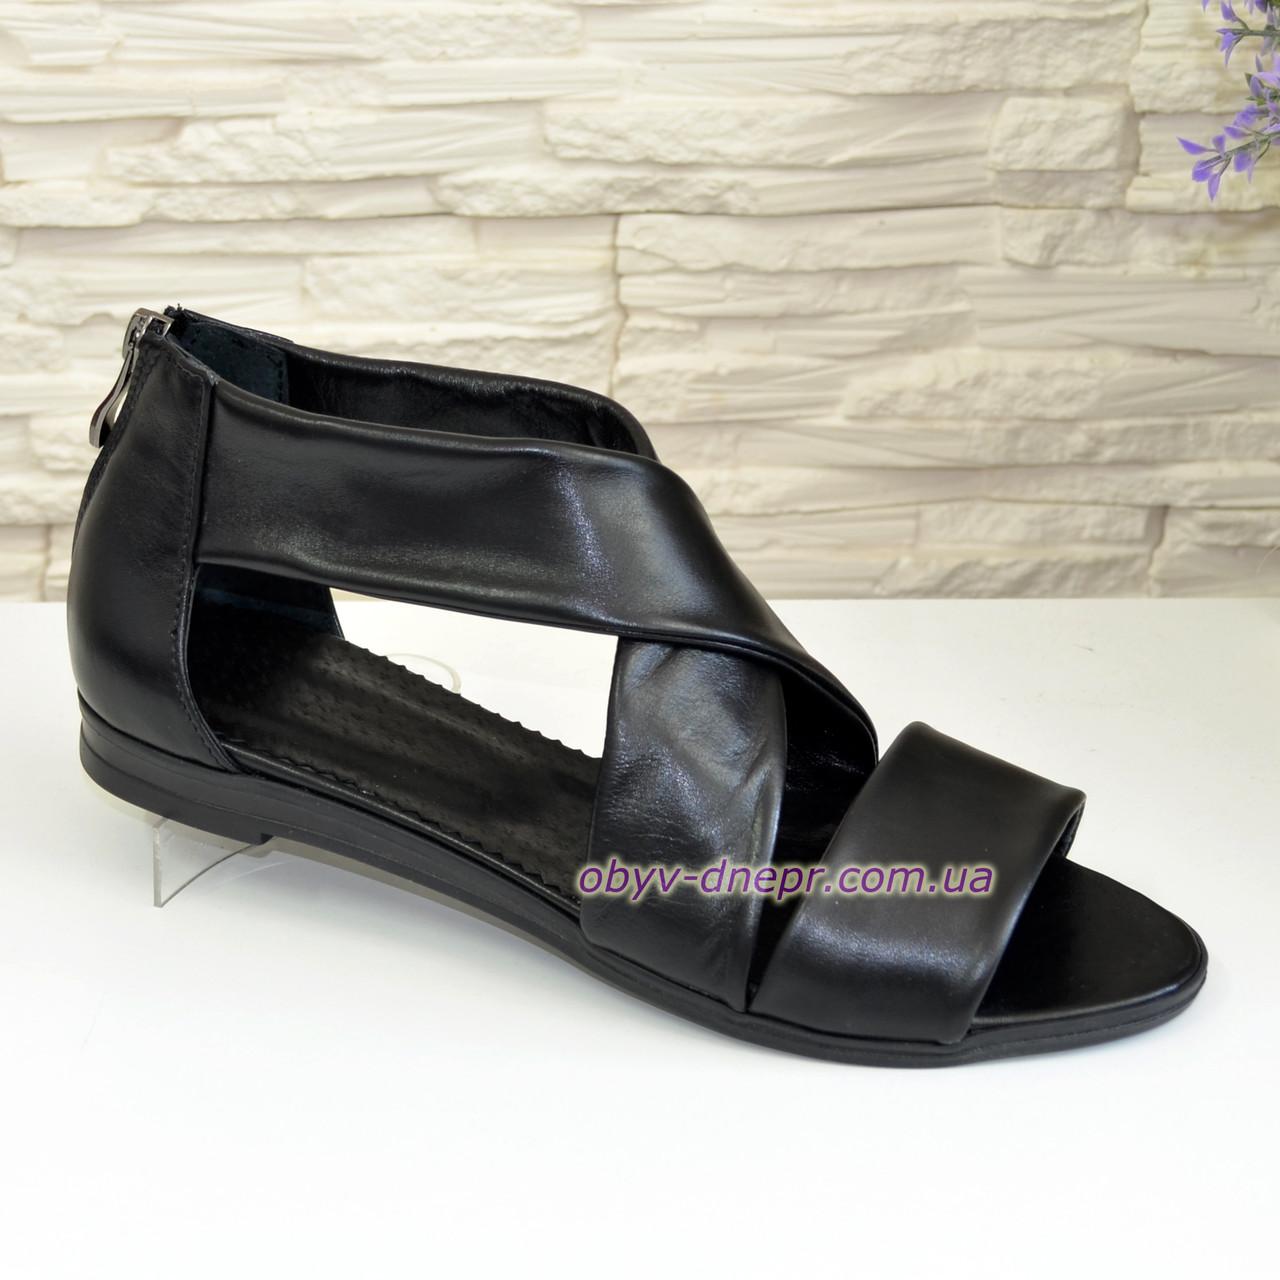 Кожаные черные женские босоножки римлянки